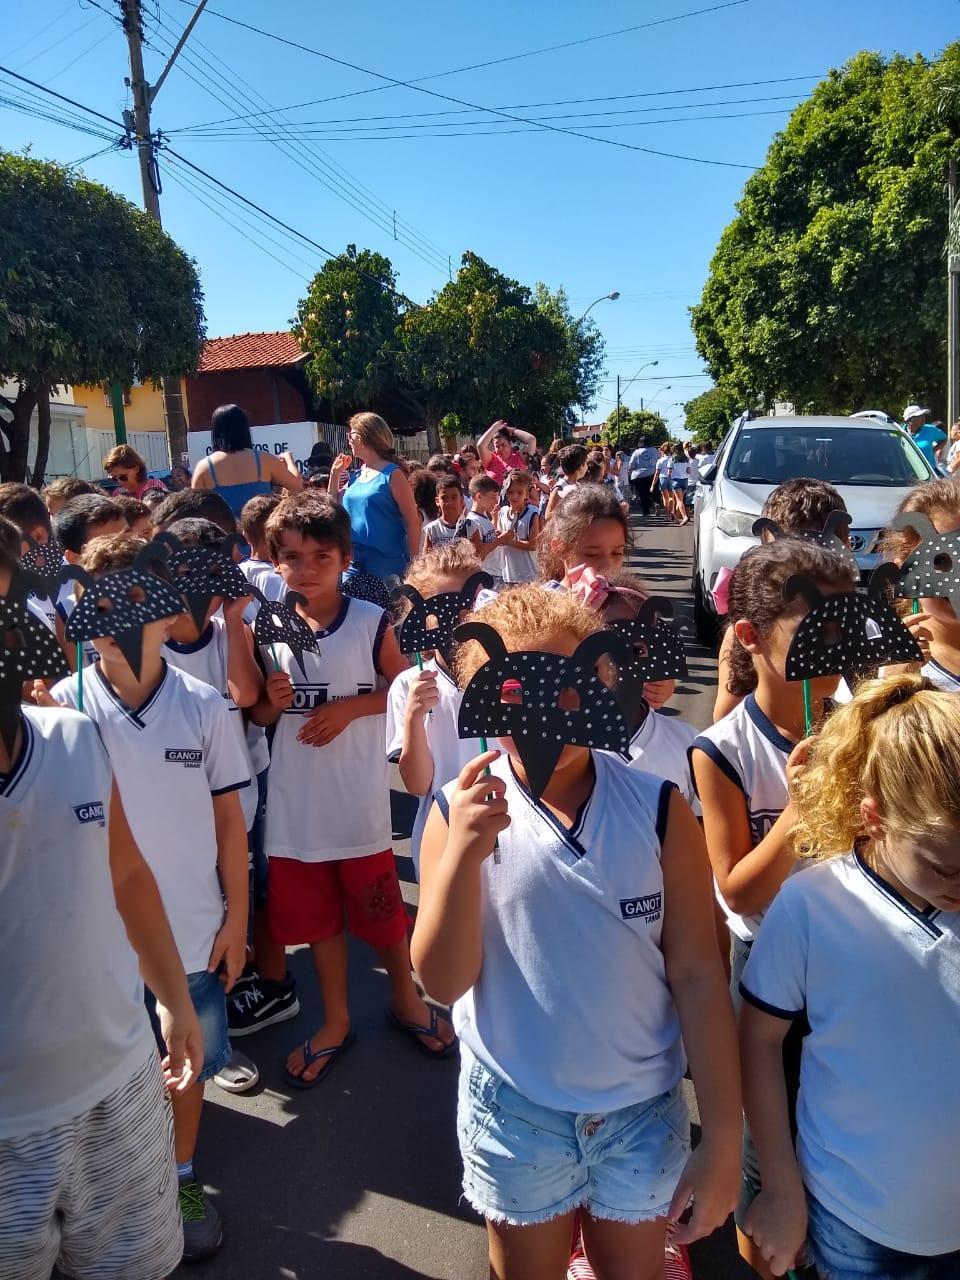 Palestras e passeatas mobilizam alunos contra a dengue